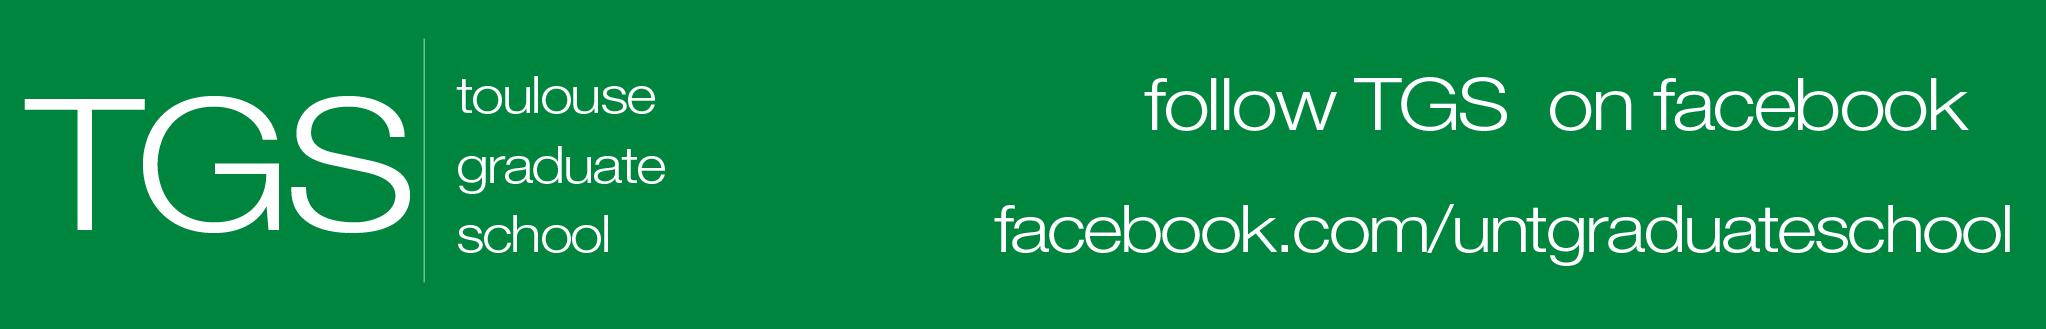 Toulouse Graduate School Facebook